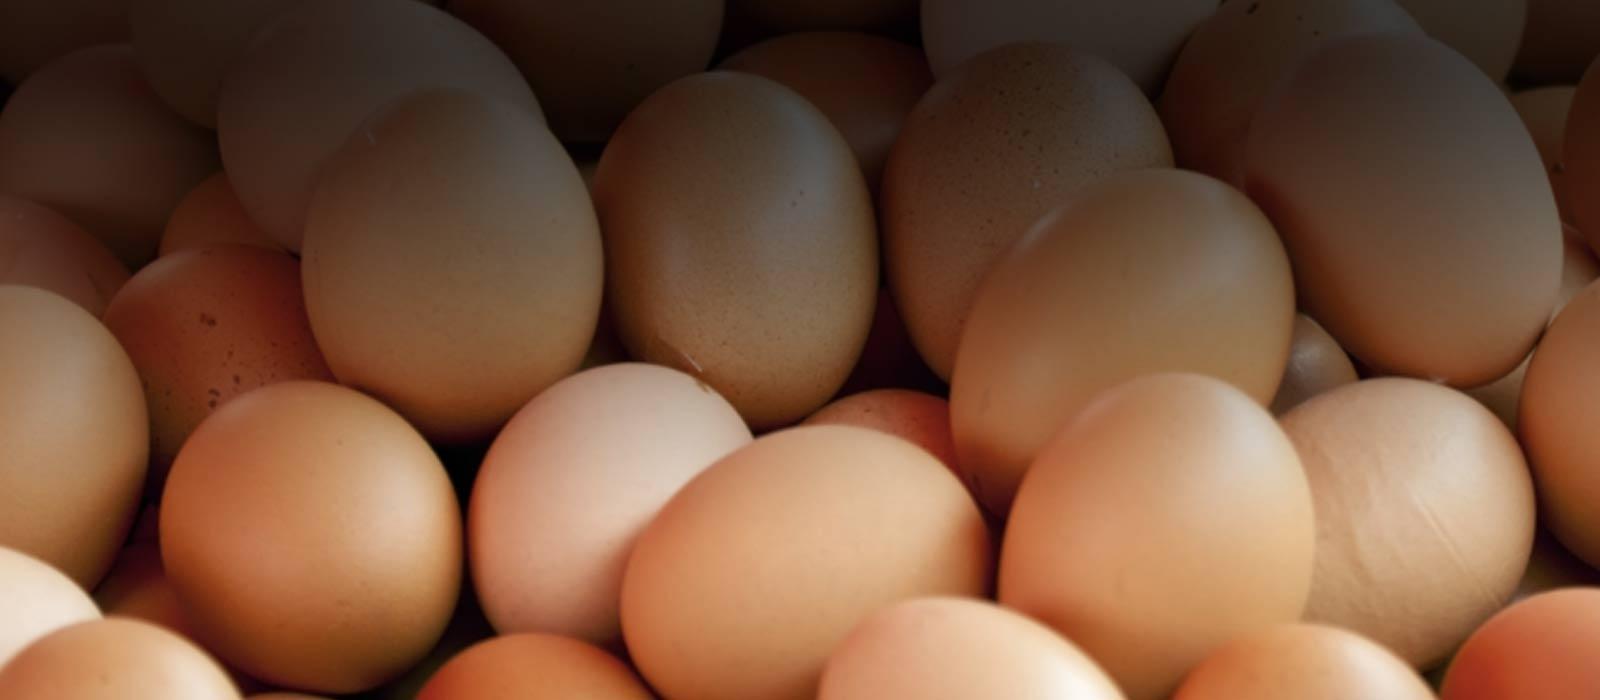 AGW-certified eggs